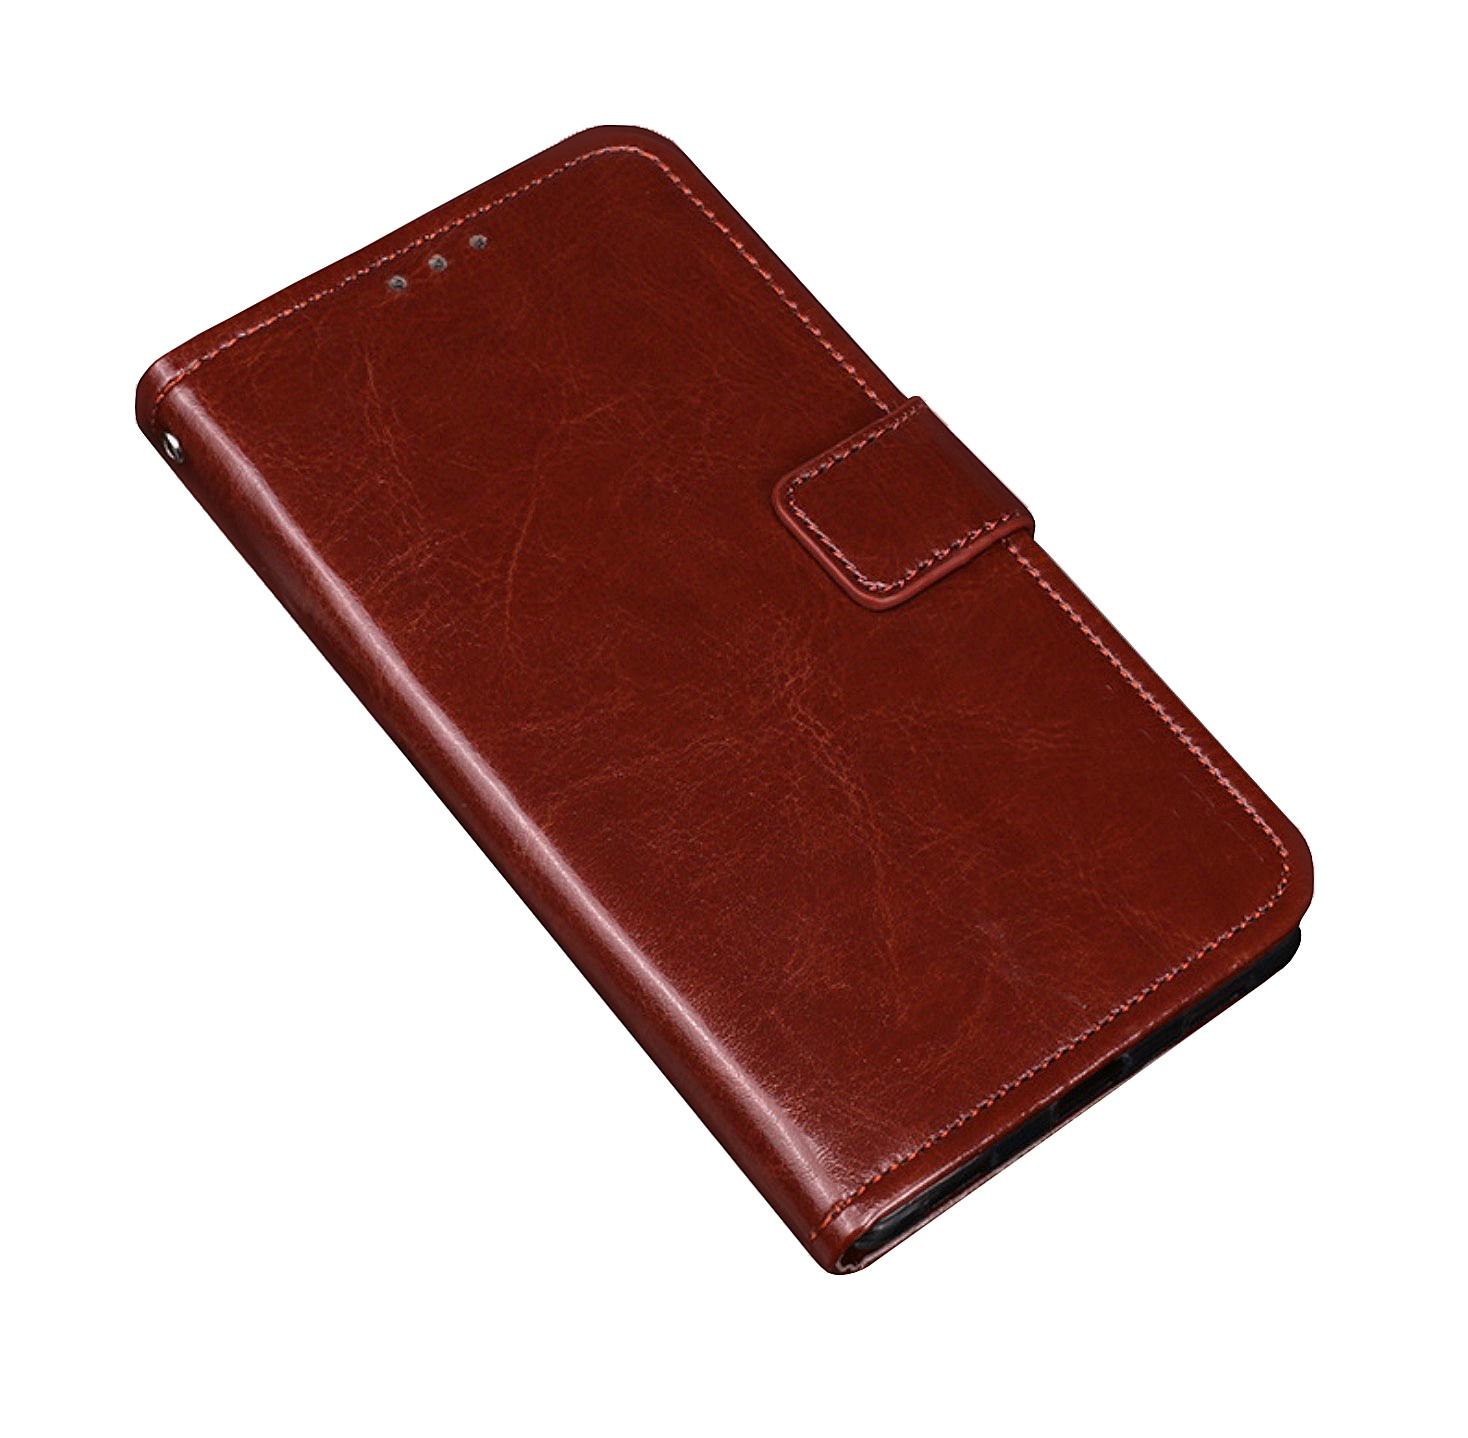 Фирменный чехол-книжка из качественной импортной кожи с мульти-подставкой застёжкой и визитницей для Samsung Galaxy J5 Prime/ Samsung Galaxy On5 2016 коричневый MyPads